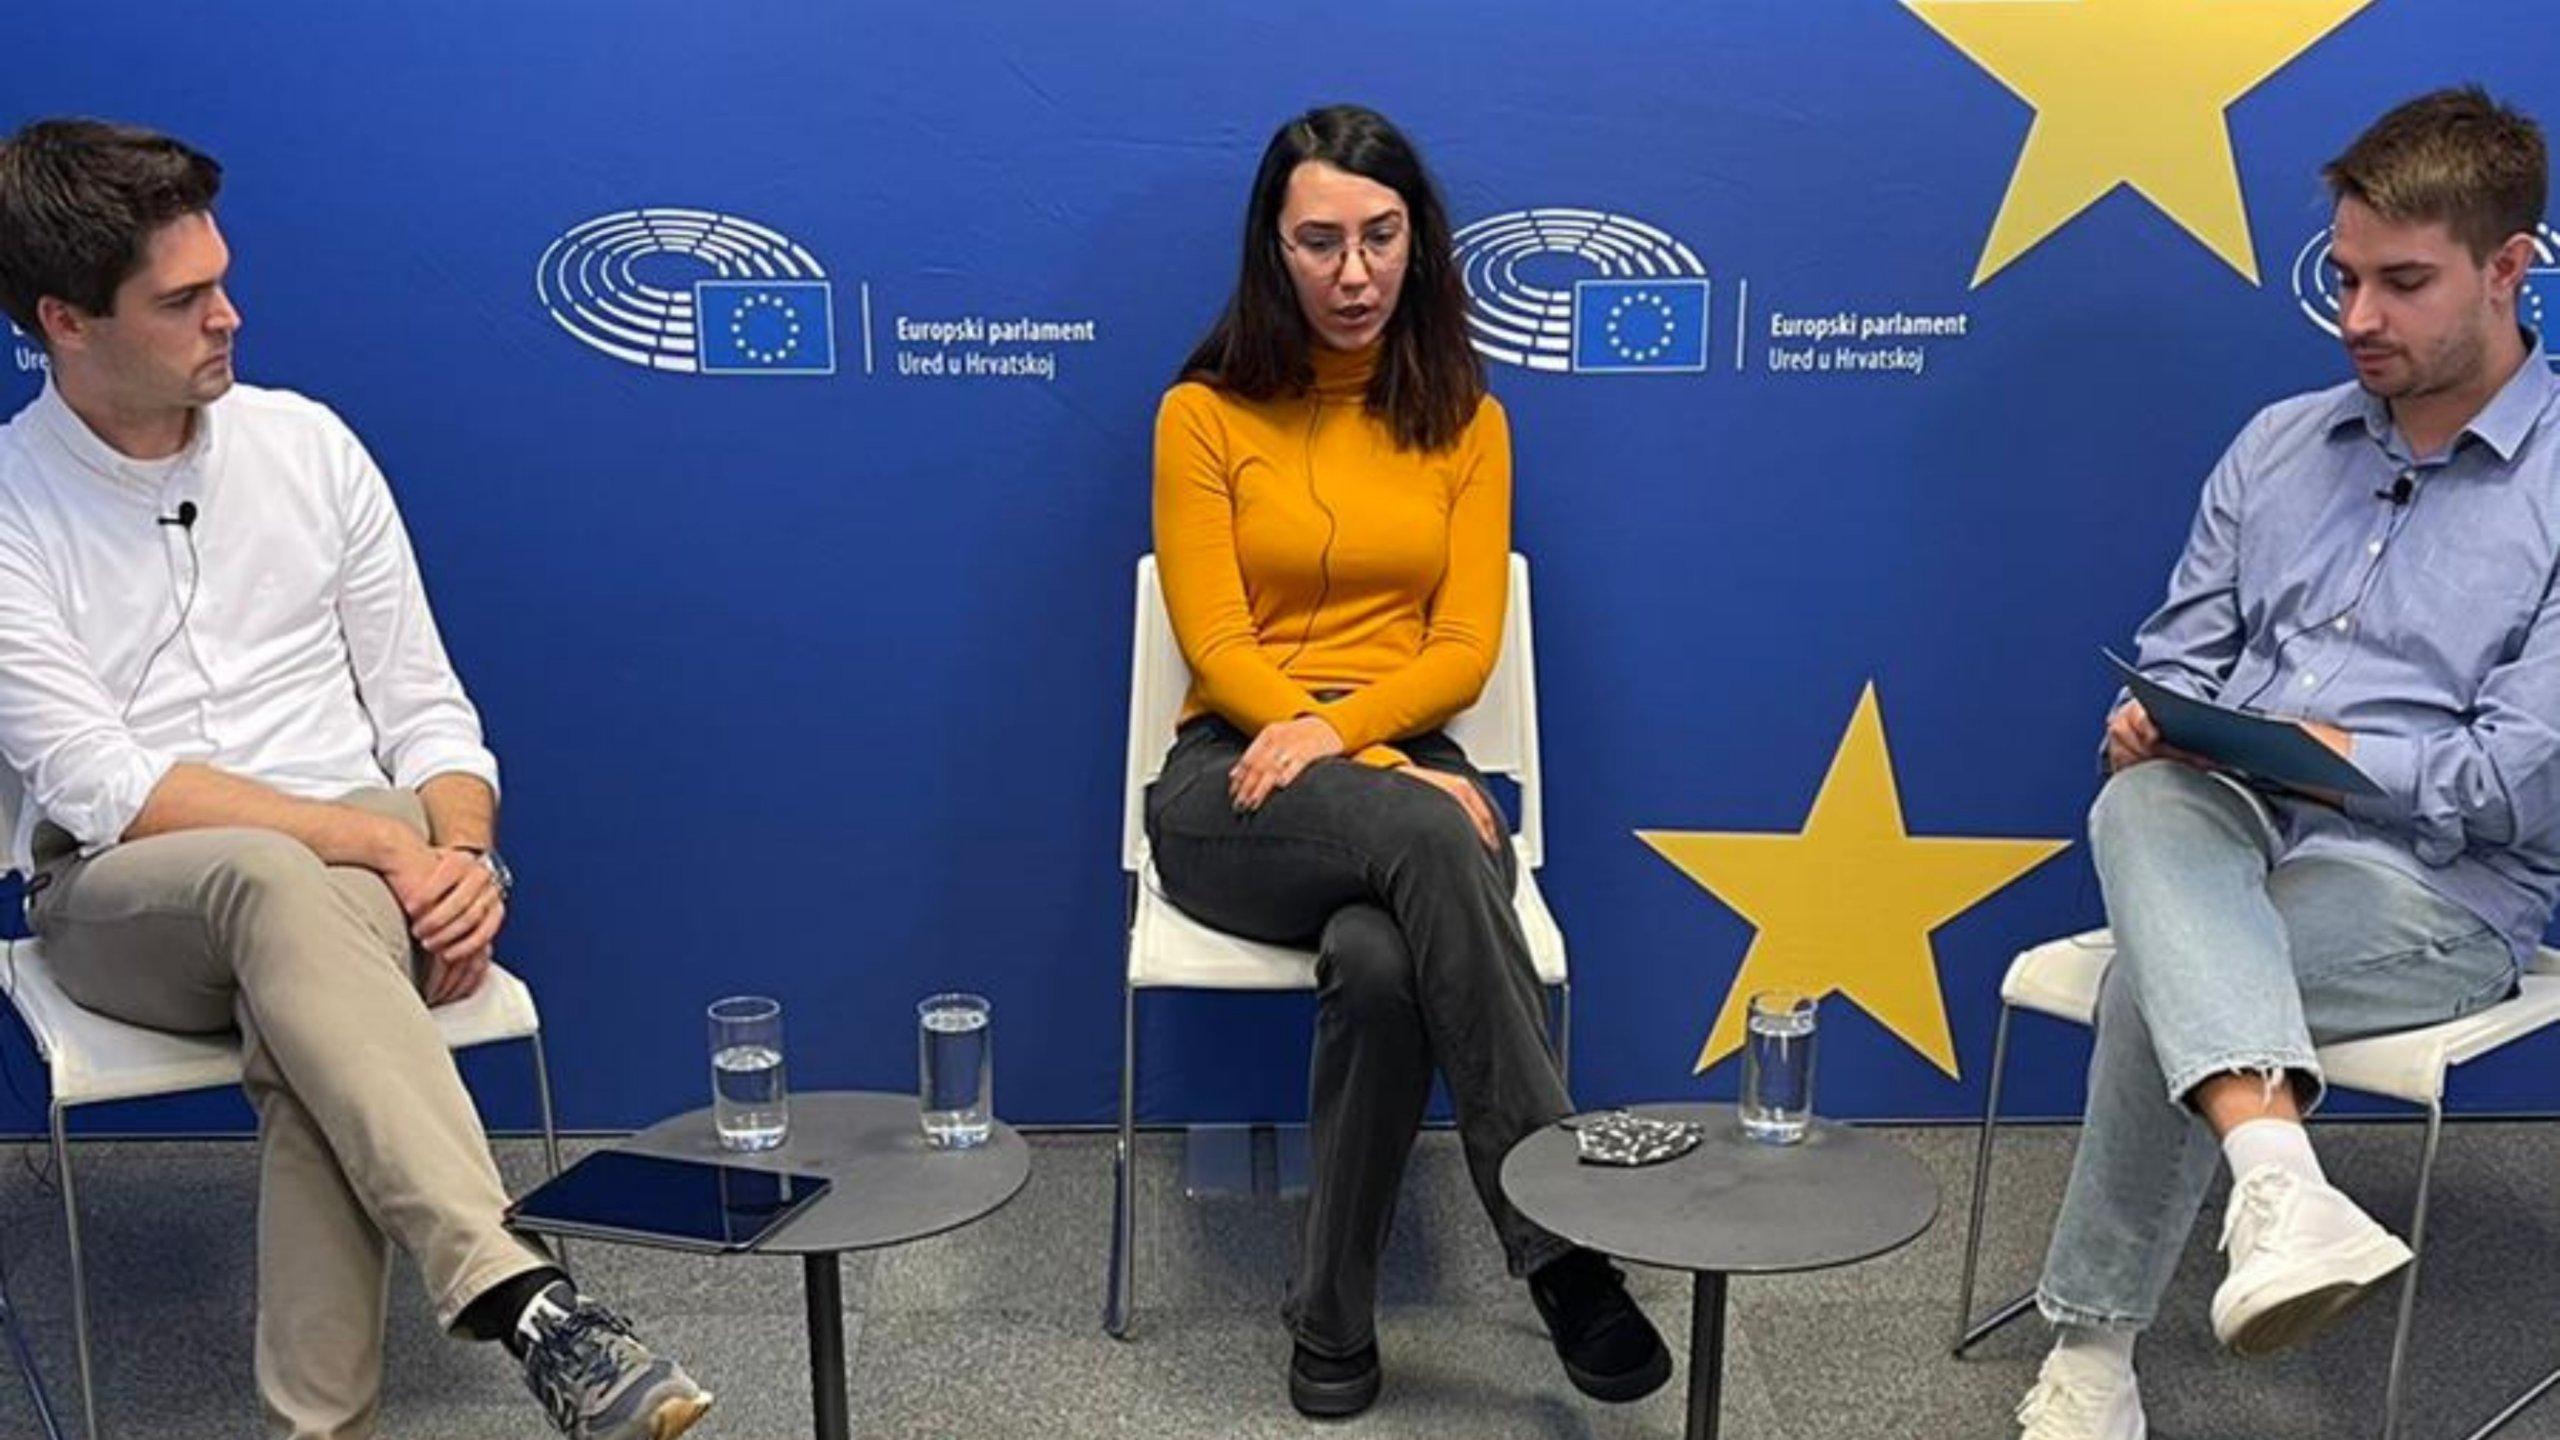 Mladi ne mogu naći posao, a o stanu mnogi tek sanjaju: Ovo je 5 ključnih stvari s današnje rasprave o Europi i mladima